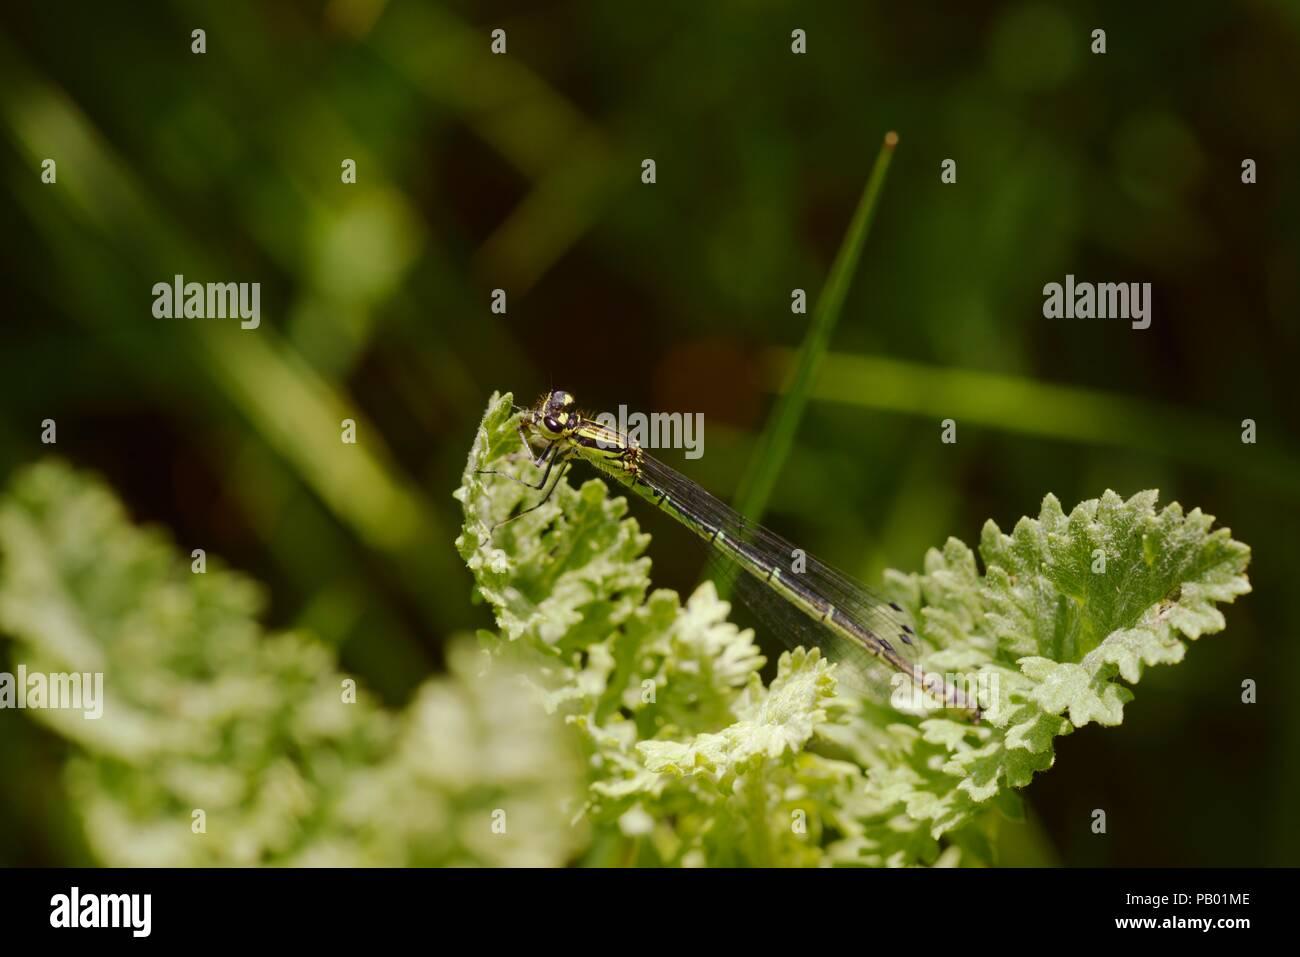 Azure, Damselfly hembra Coenagrion puella, variación de color verde, Gales, Reino Unido Imagen De Stock